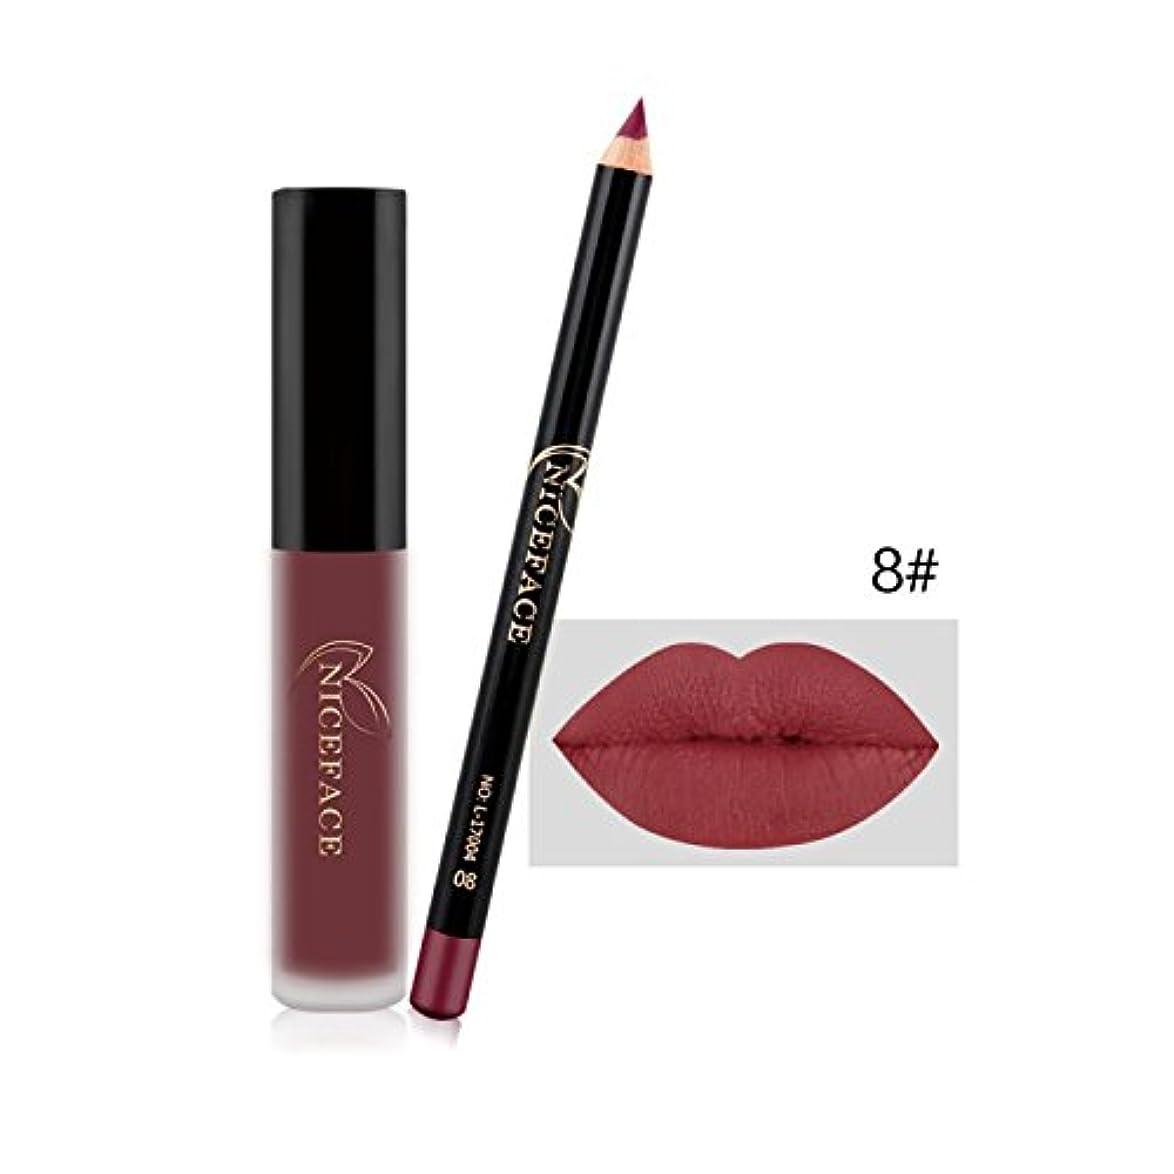 スタイル認知調査(8#) Makeup Set Lip Gloss + Lip Liner Set Lip Set Matte Lipstick Long Lasting Waterproof Solid Lip Pencil Liner Set Newest